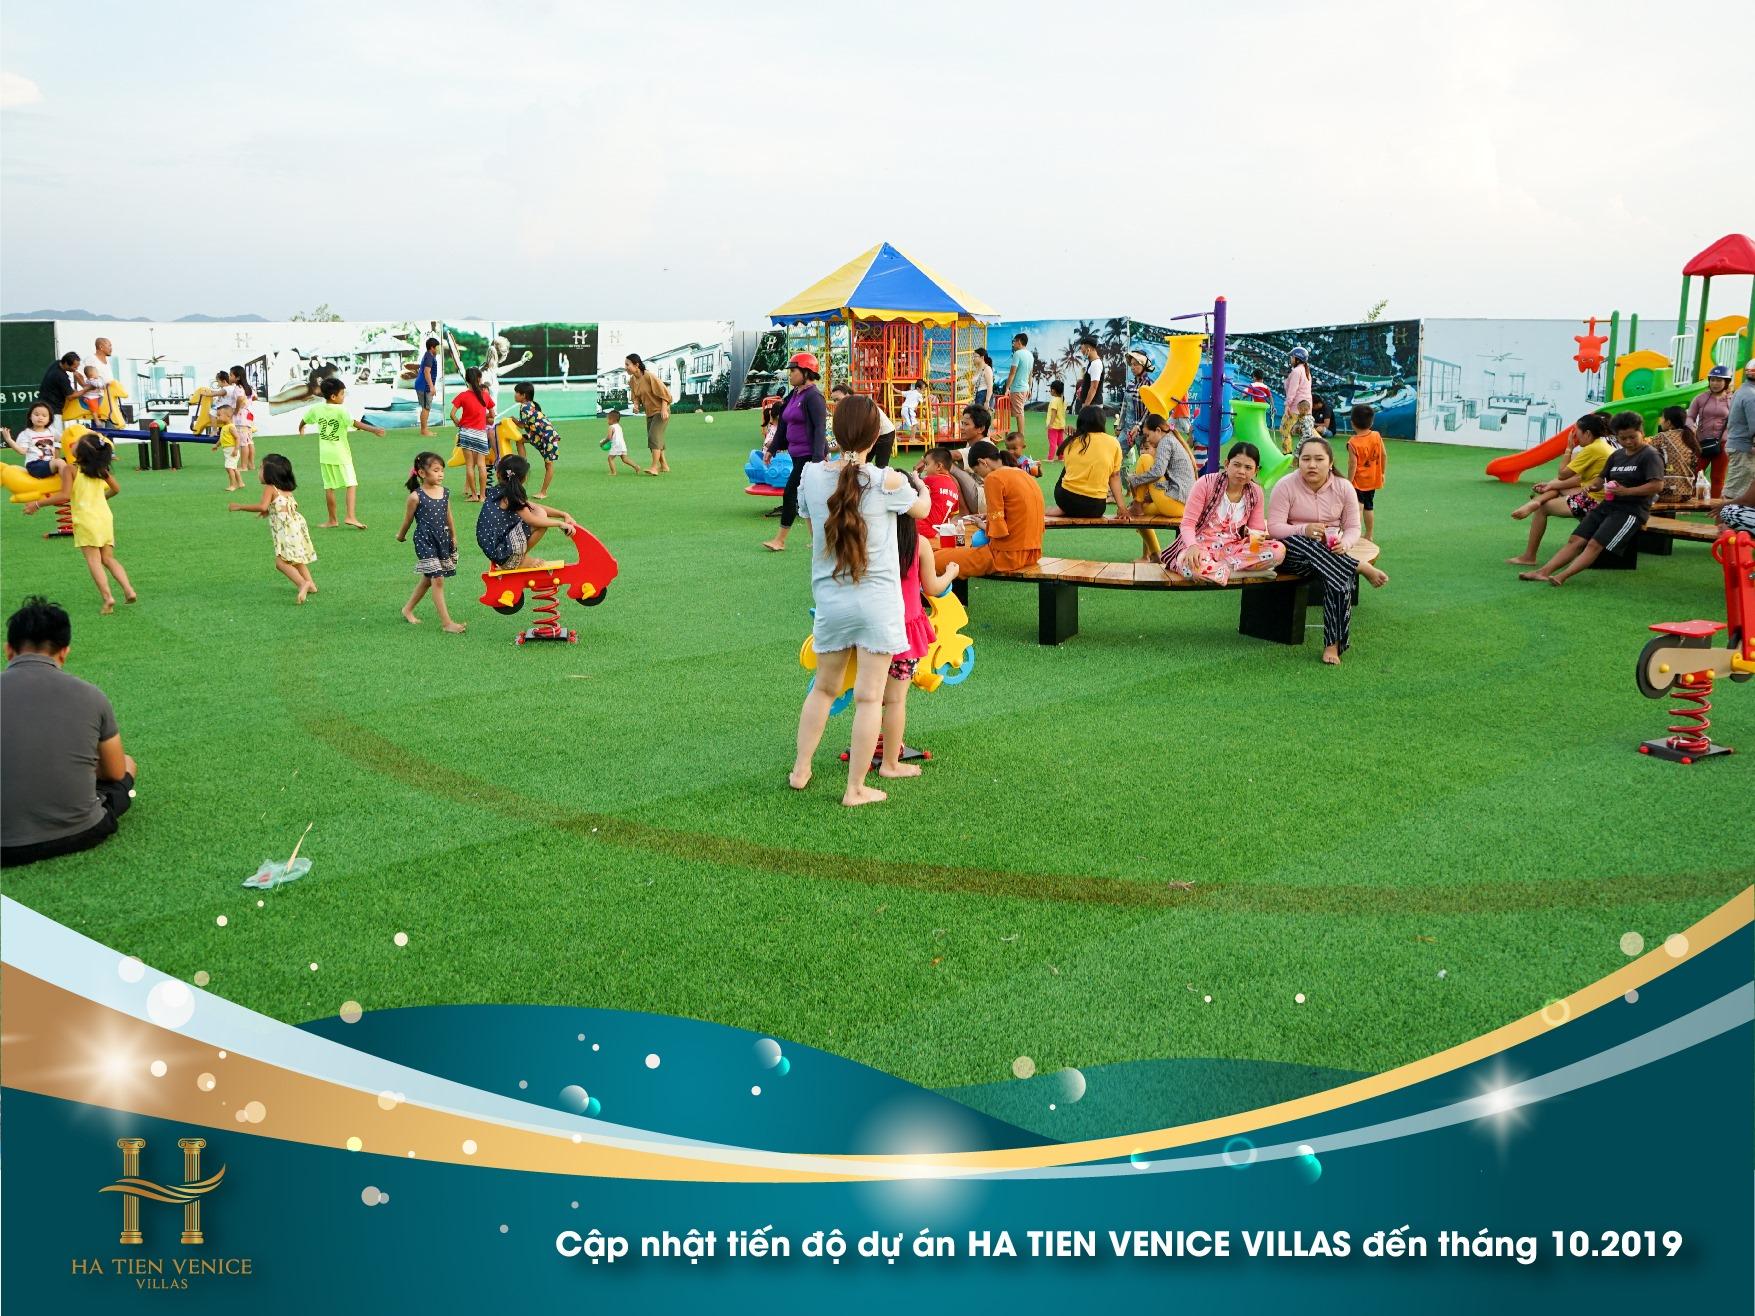 Khu vui chơi trẻ em luôn tấp nập mỗi buổi chiều